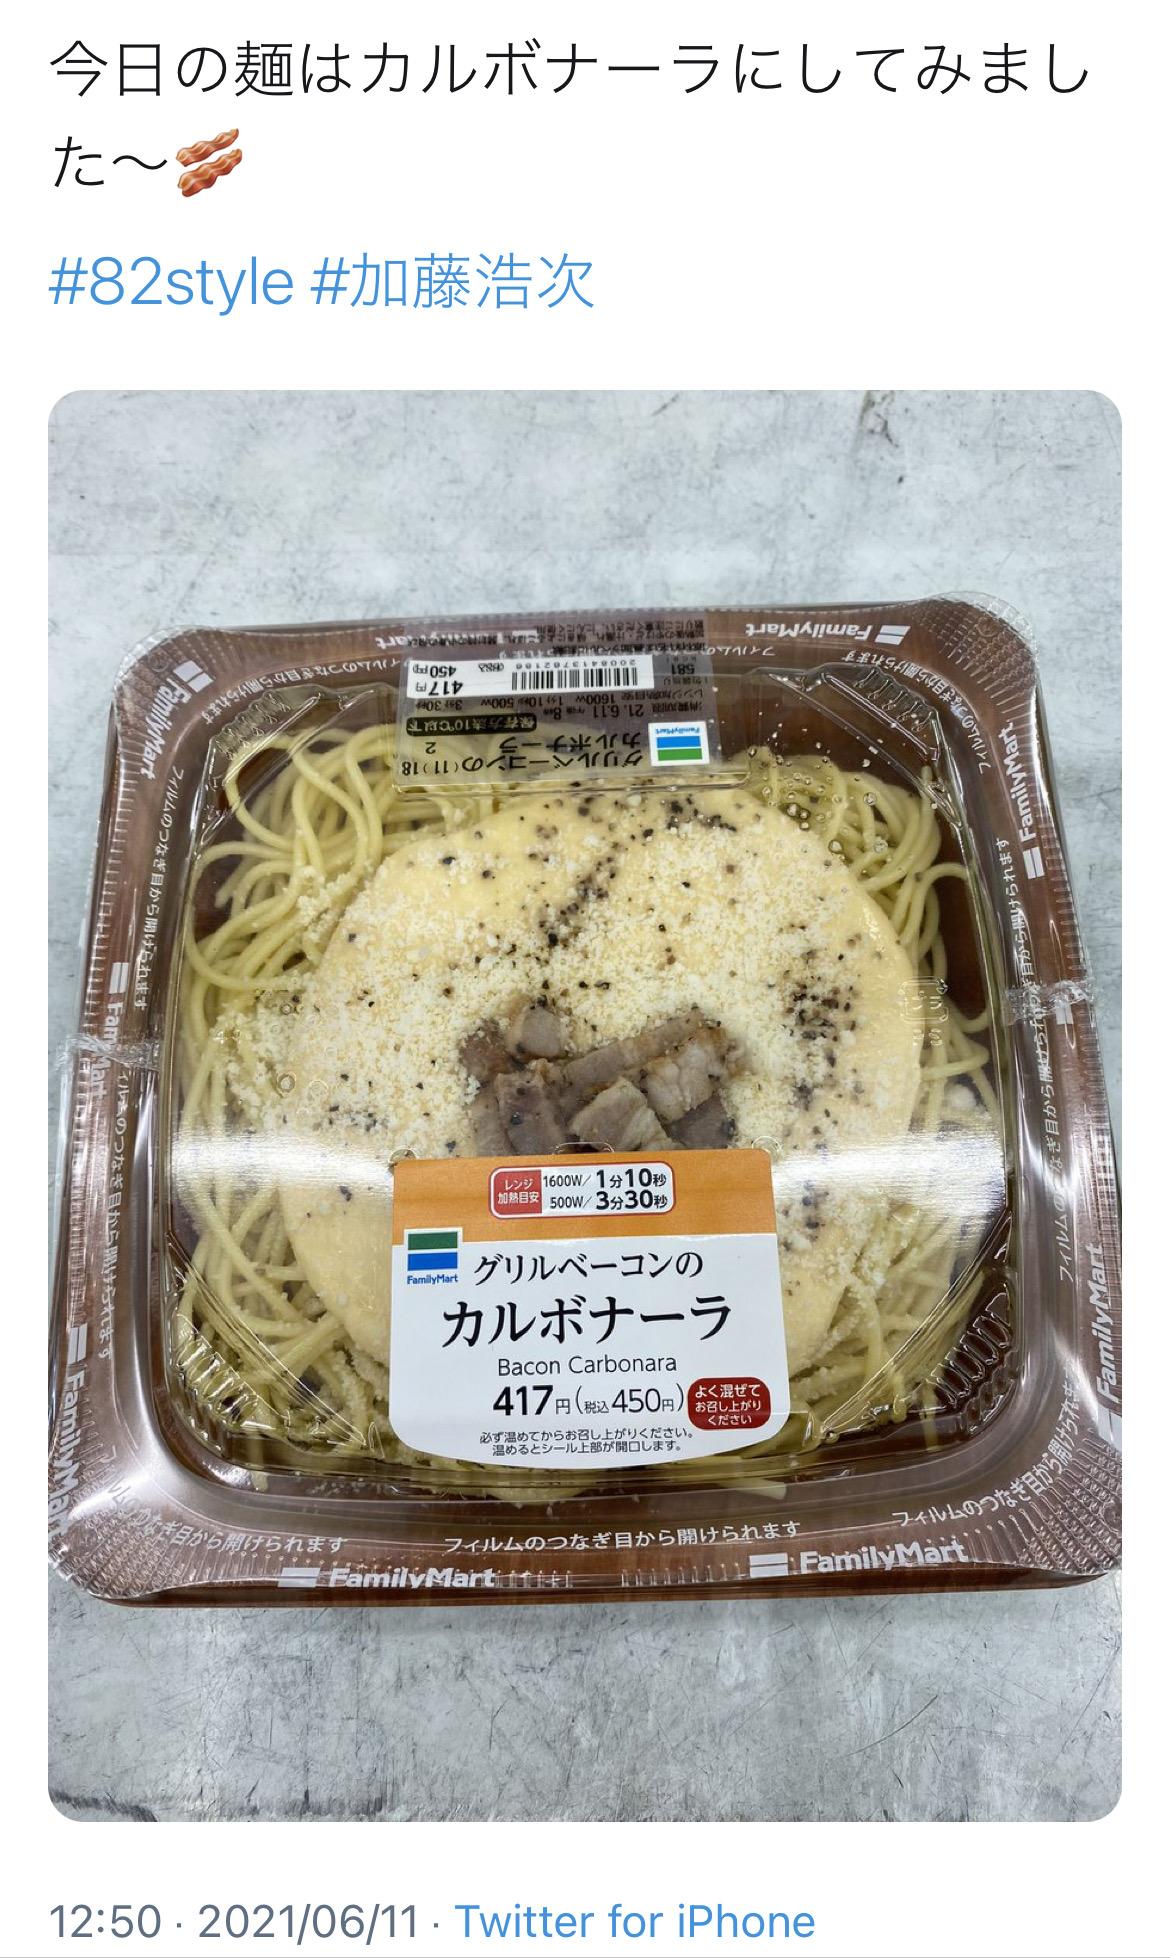 加藤浩次さん、毎日ファミマの麺類を食べている